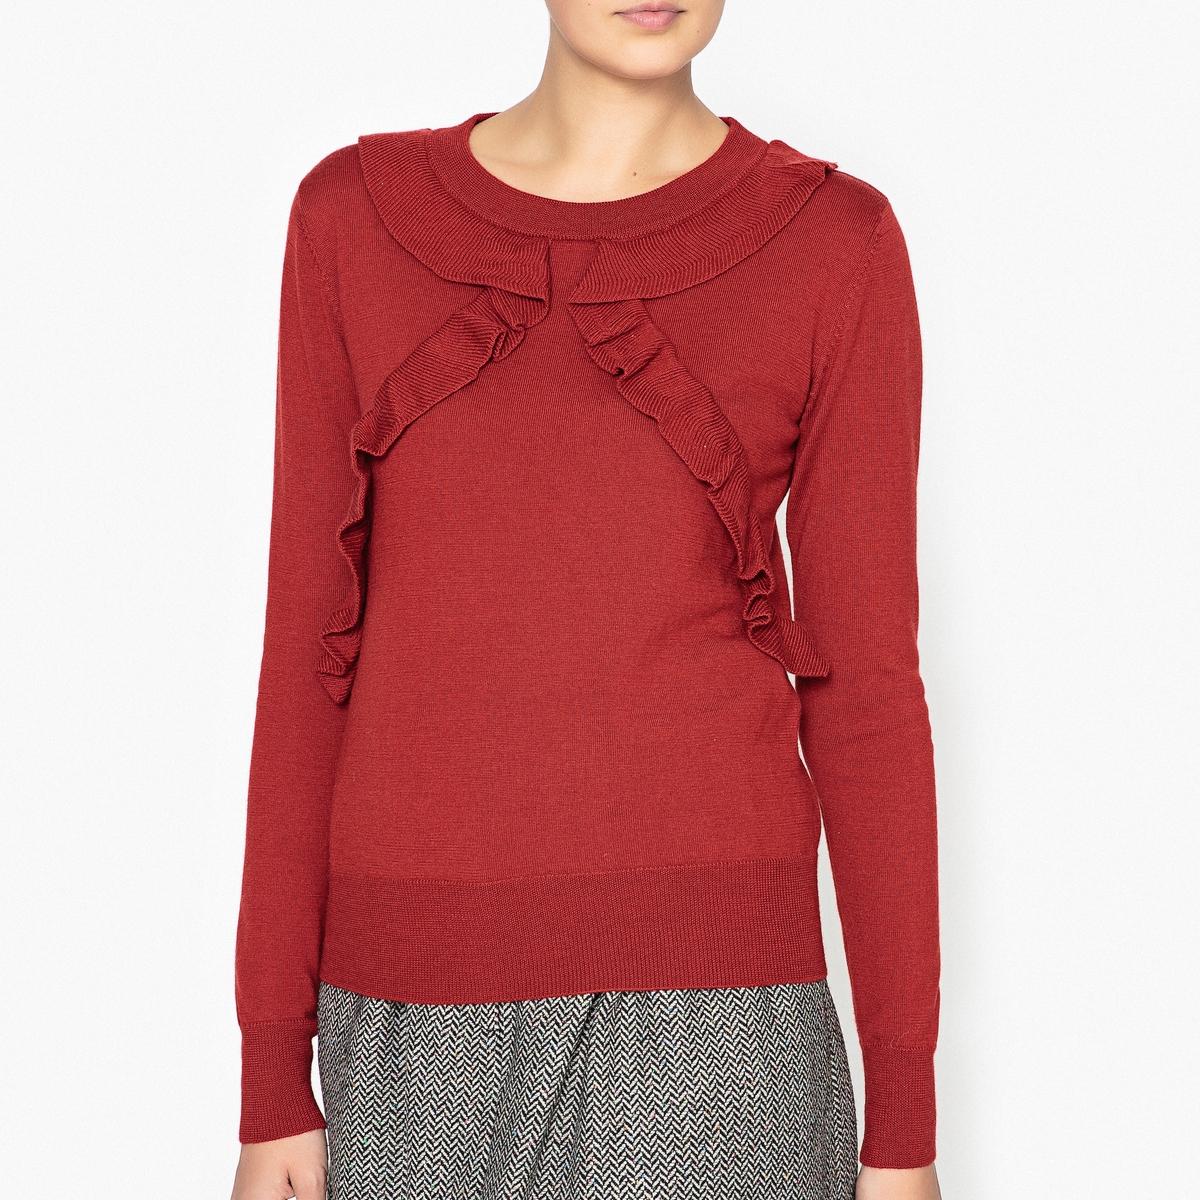 Пуловер шерстяной с воланами BARRIDA